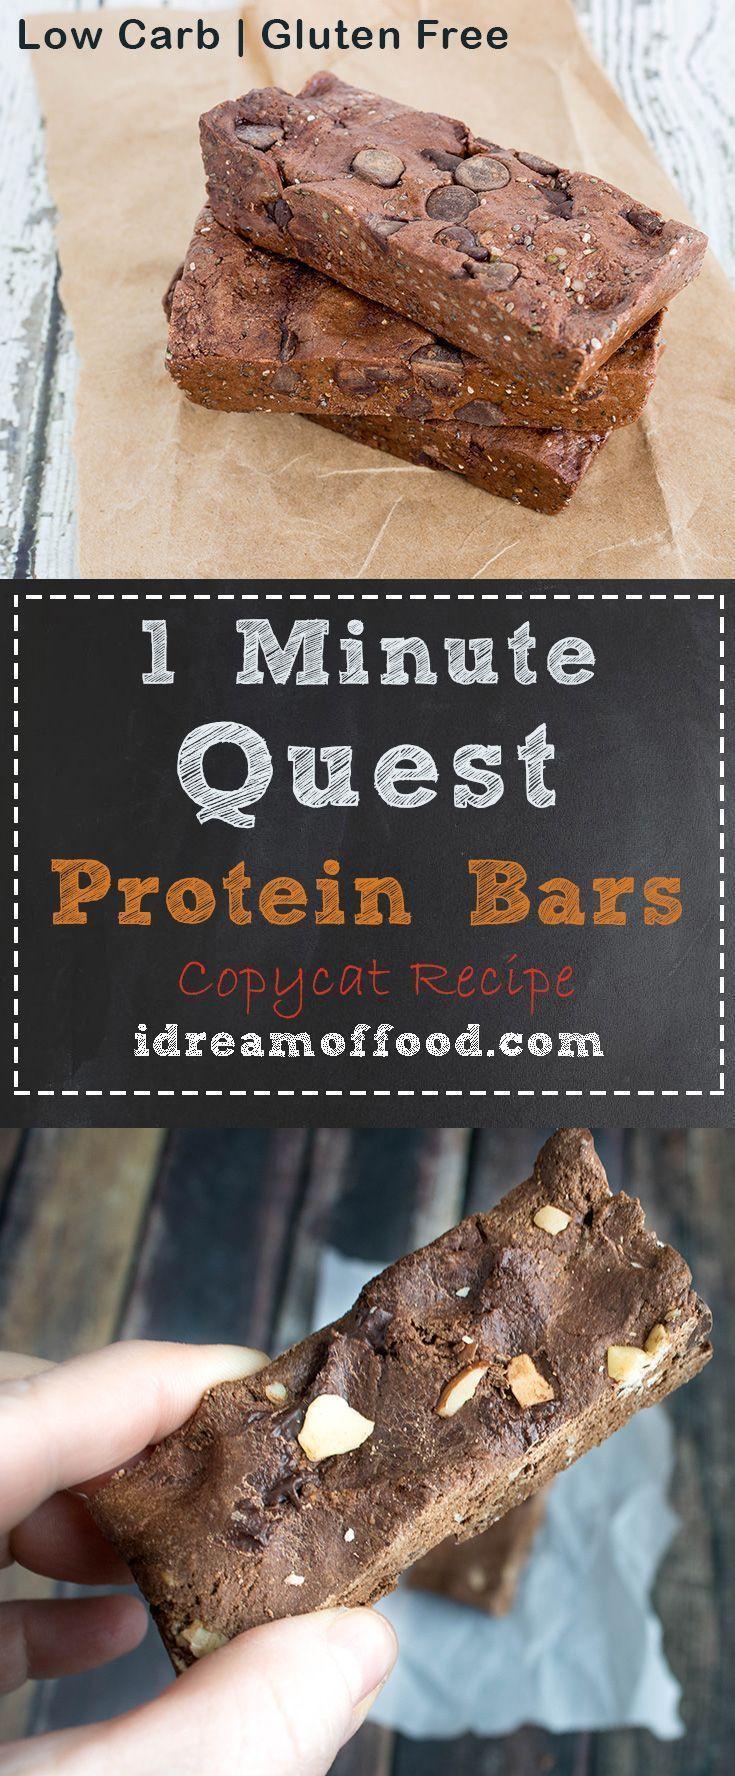 Baking homemade quest bars quest bars benefits quest